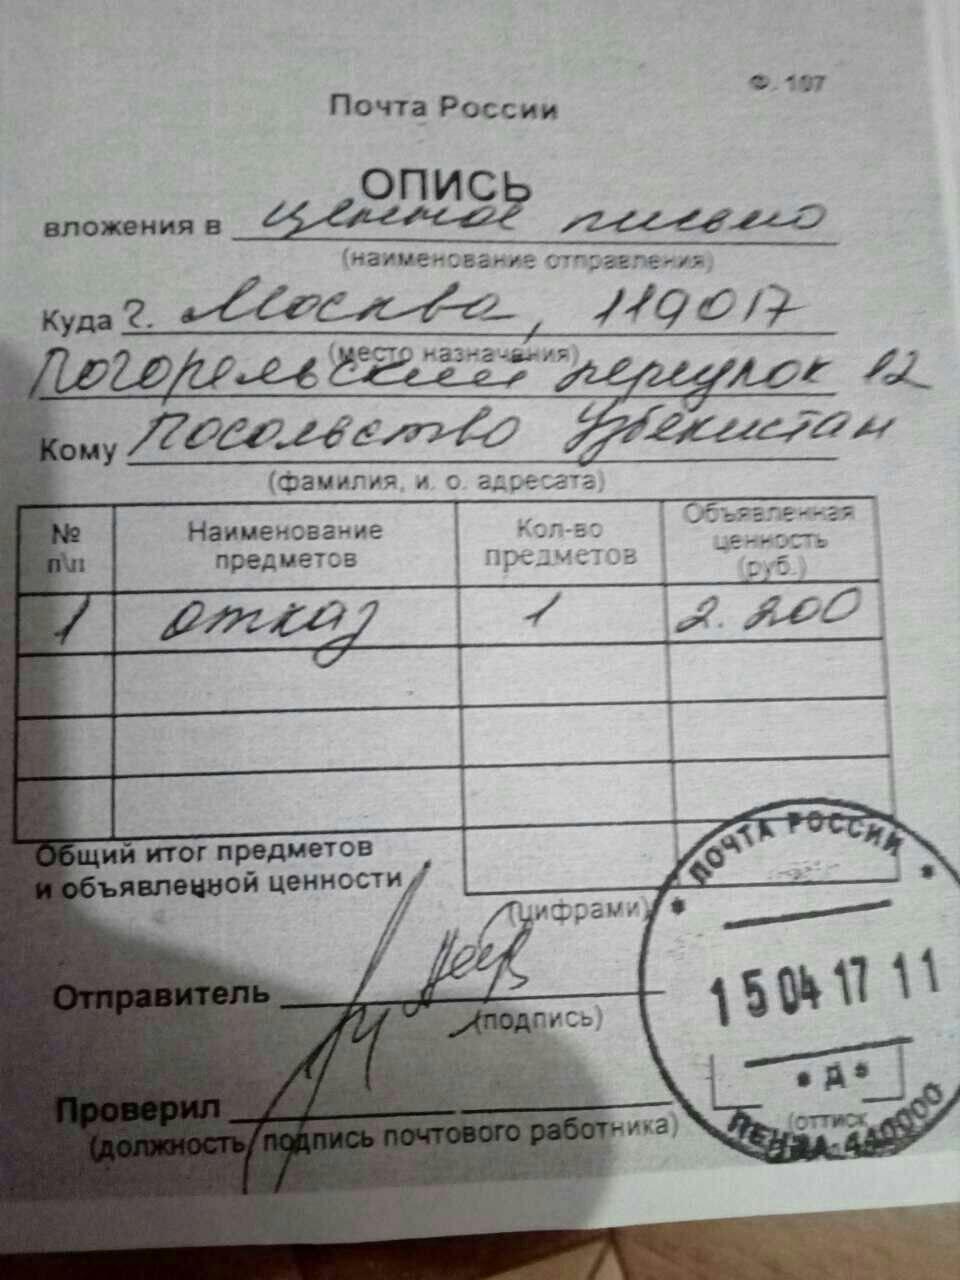 Заявление на гражданство по программе переселения пнеза